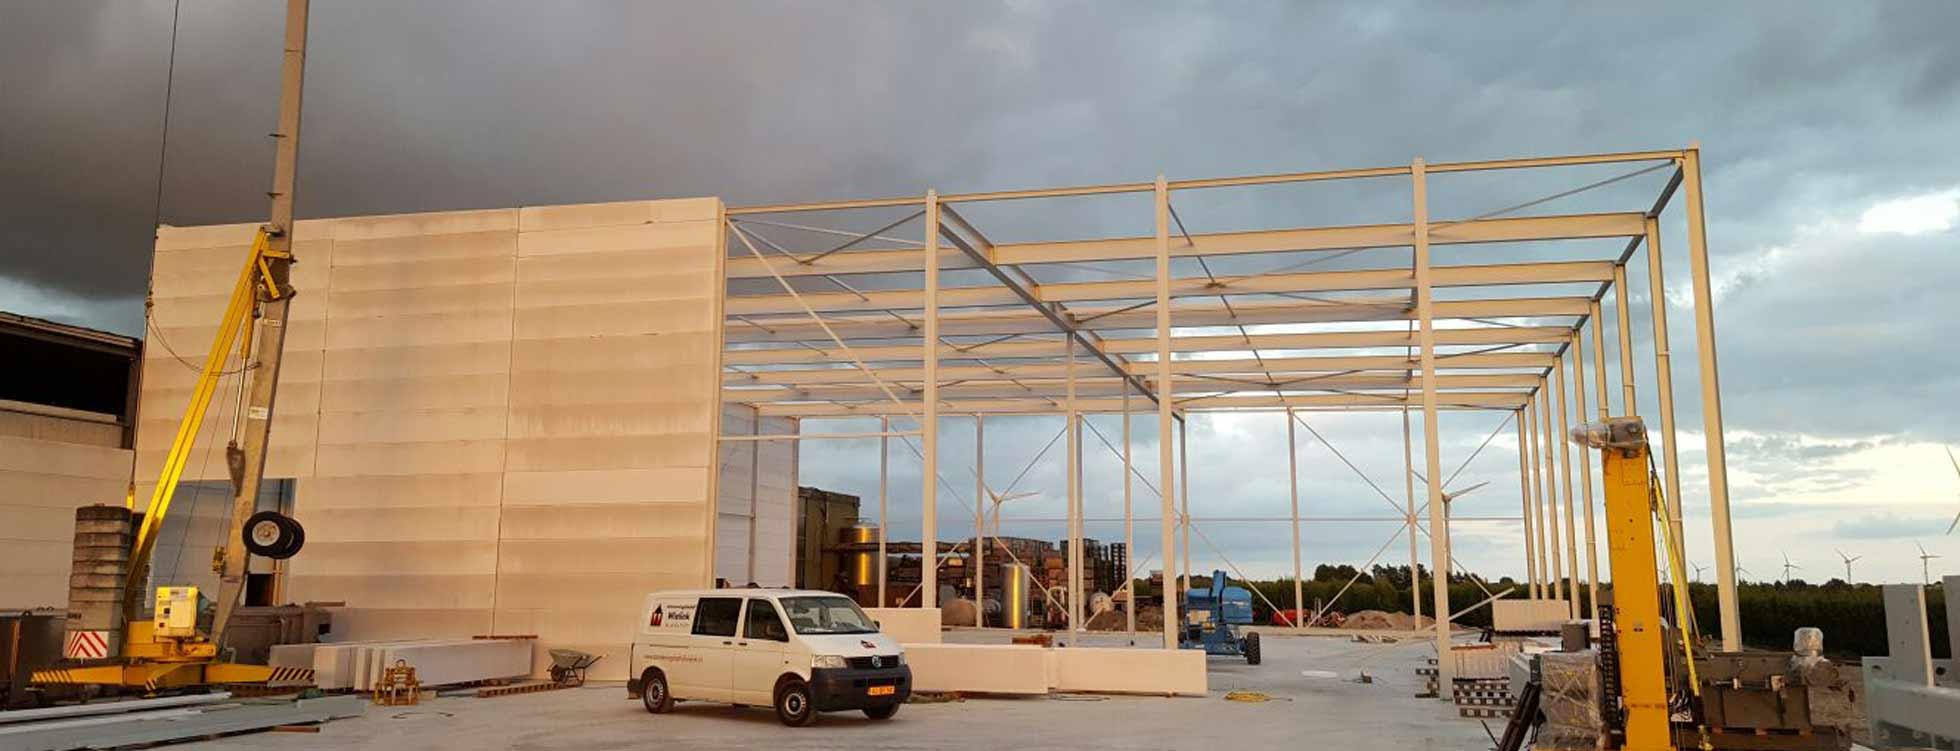 huidige bouwprojecten aannemersbedrijf Wielink elburg